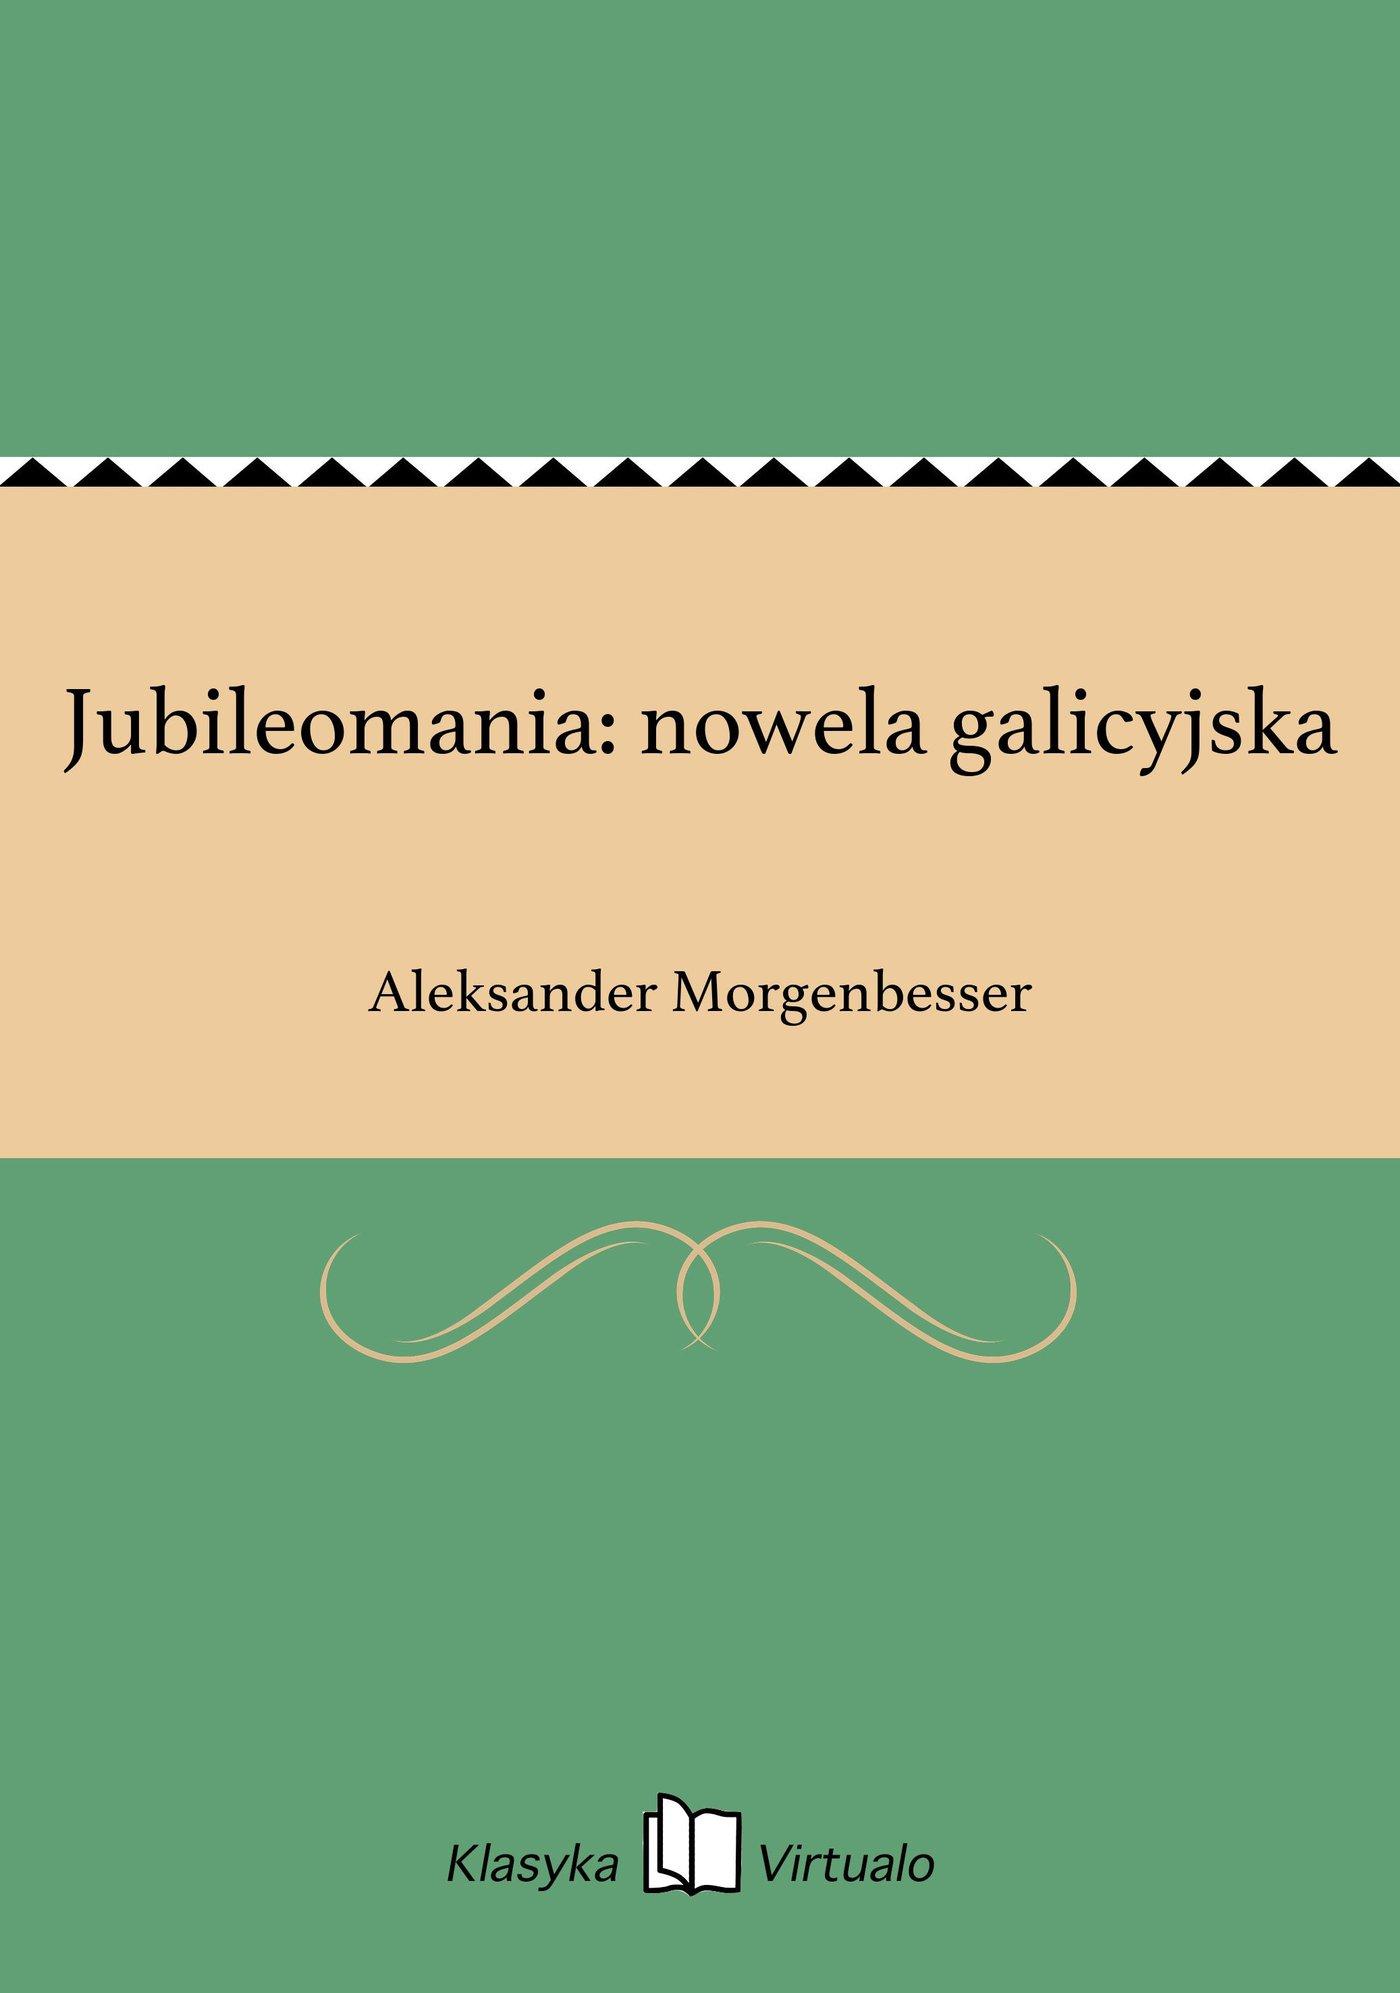 Jubileomania: nowela galicyjska - Ebook (Książka EPUB) do pobrania w formacie EPUB